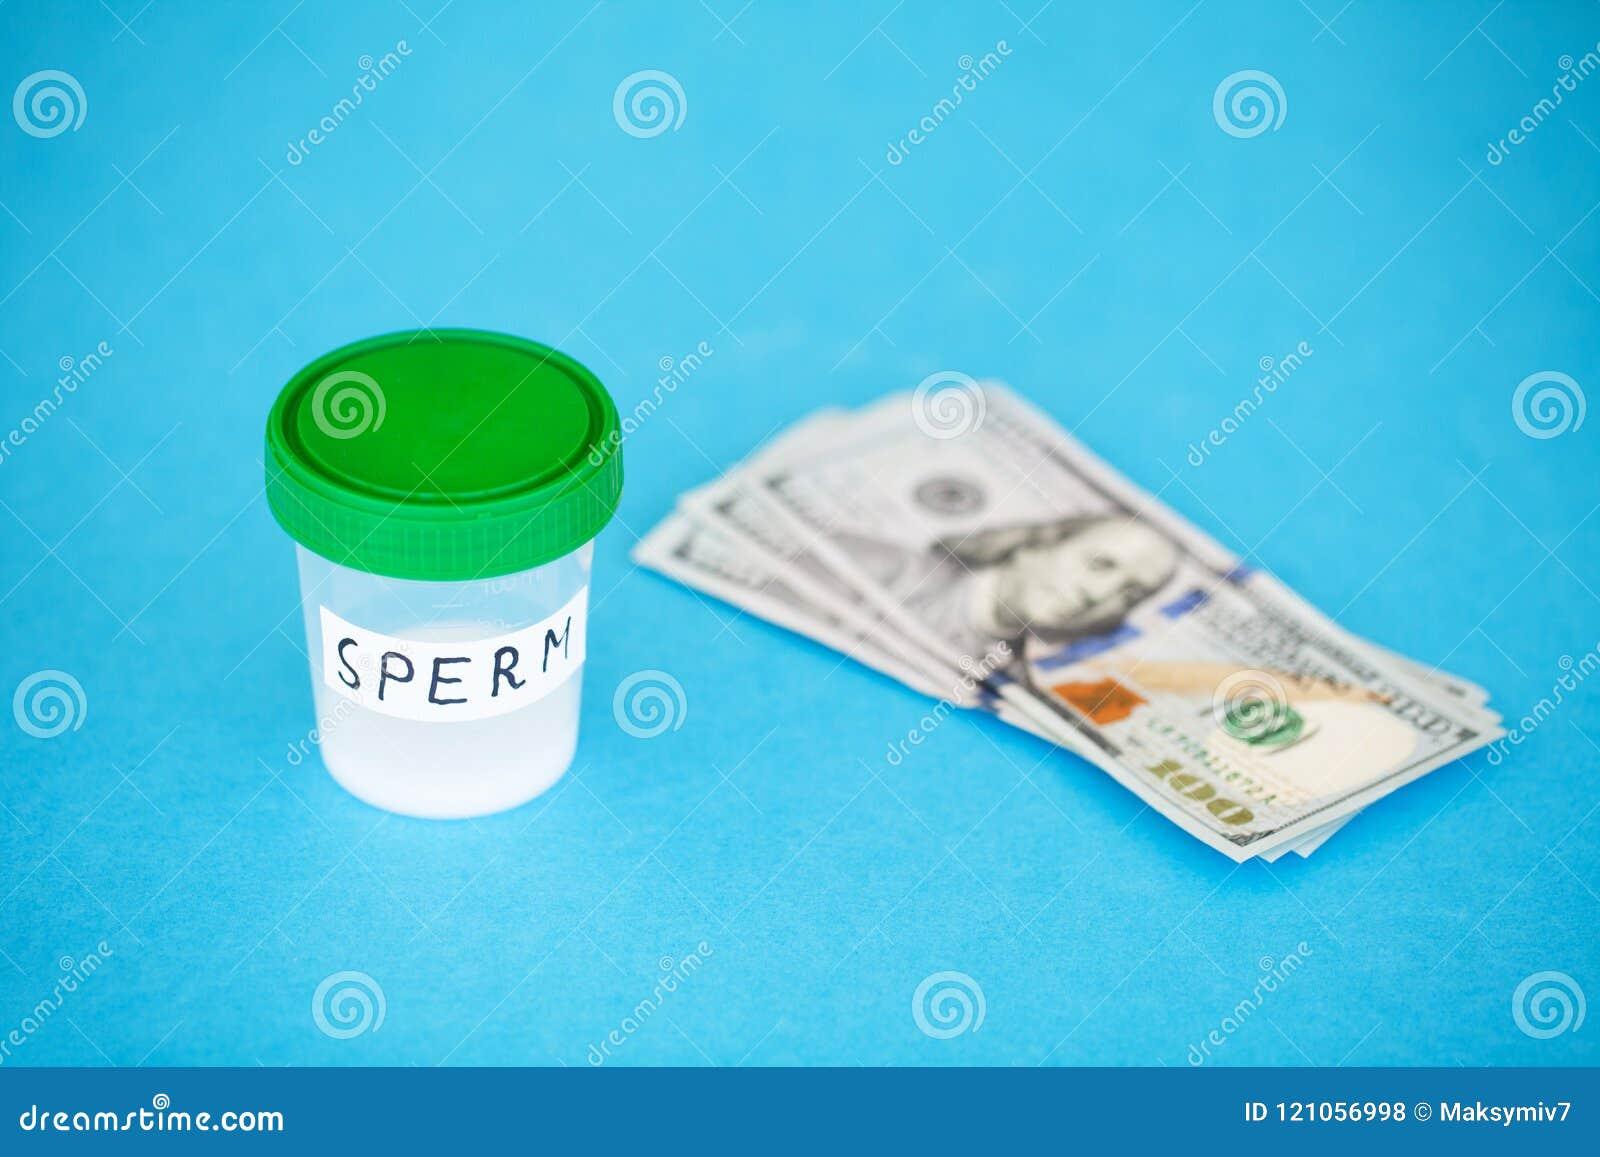 Health. Sample sperm. Donor Sperm Close Concept of Bank Sperm. S